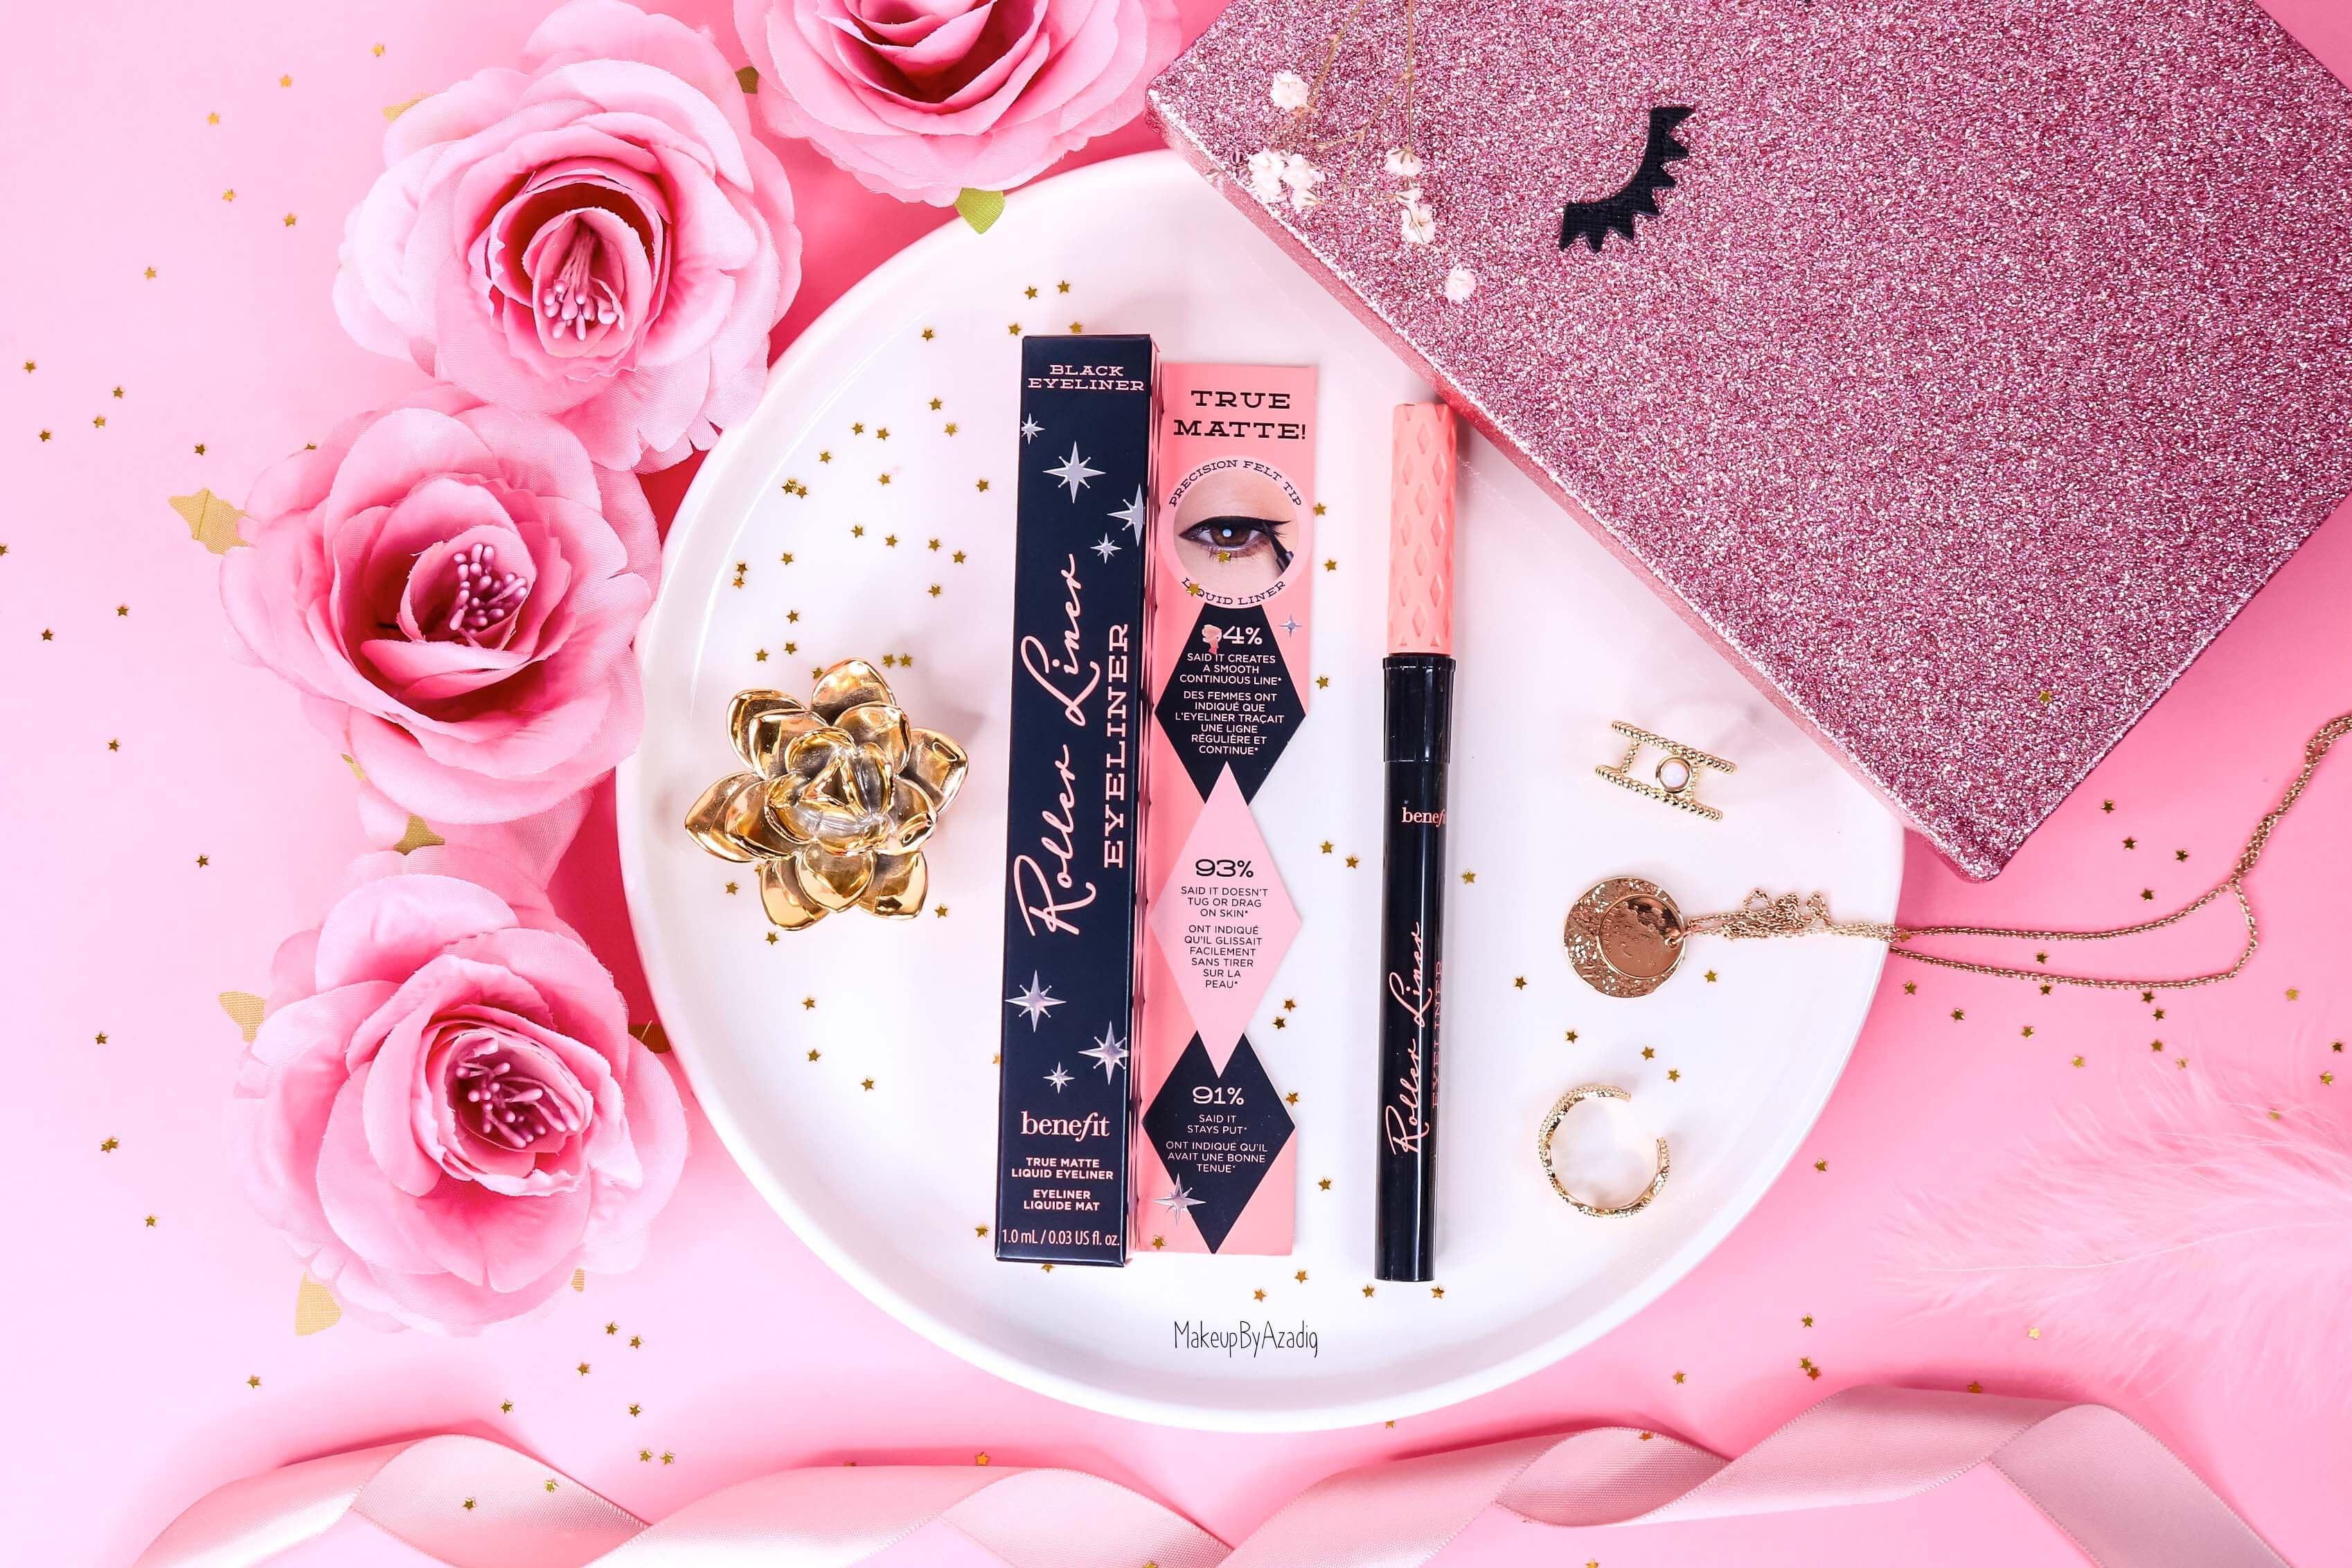 revue-review-eyeliner-roller-liner-benefit-noir-mat-makeupbyazadig-avis-prix-swatch-sephora-france-miniature